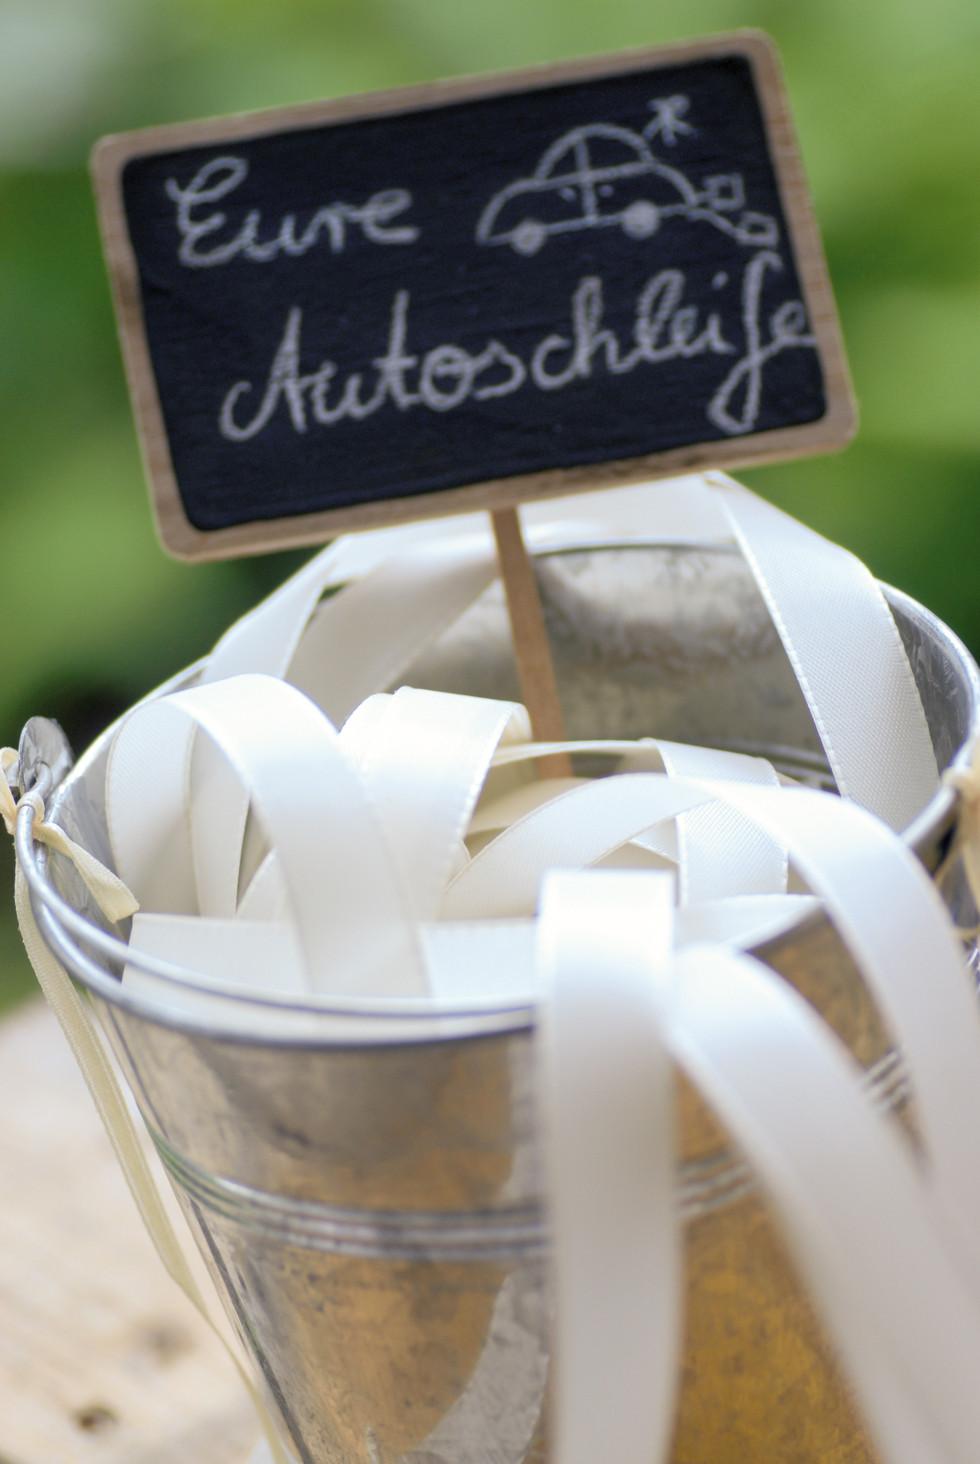 Hochzeit Autoschleifen  Autoschleifen Hochzeit Anleitung zum Selbermachen